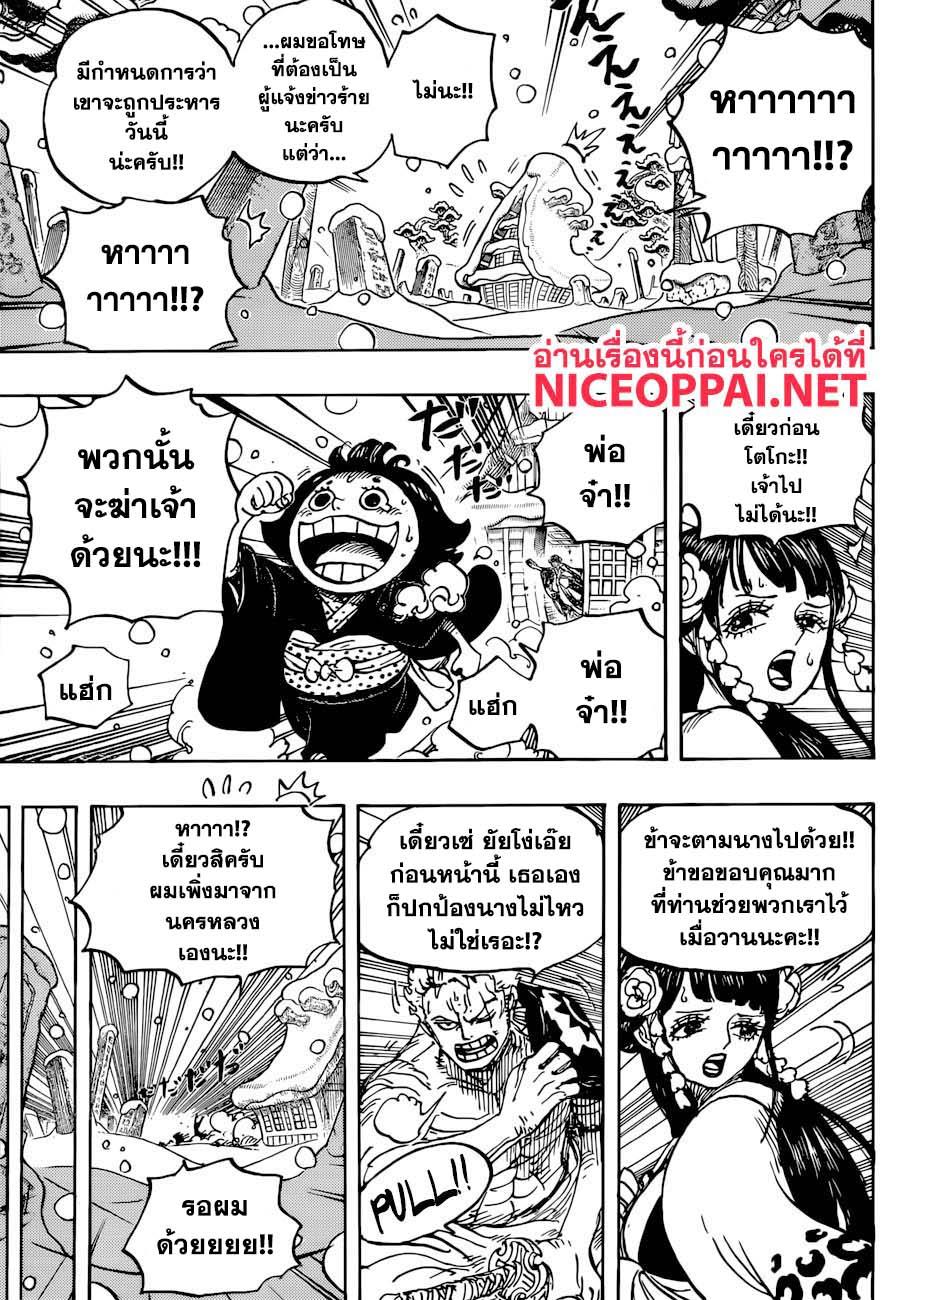 อ่านการ์ตูน One Piece ตอนที่ 941 หน้าที่ 13